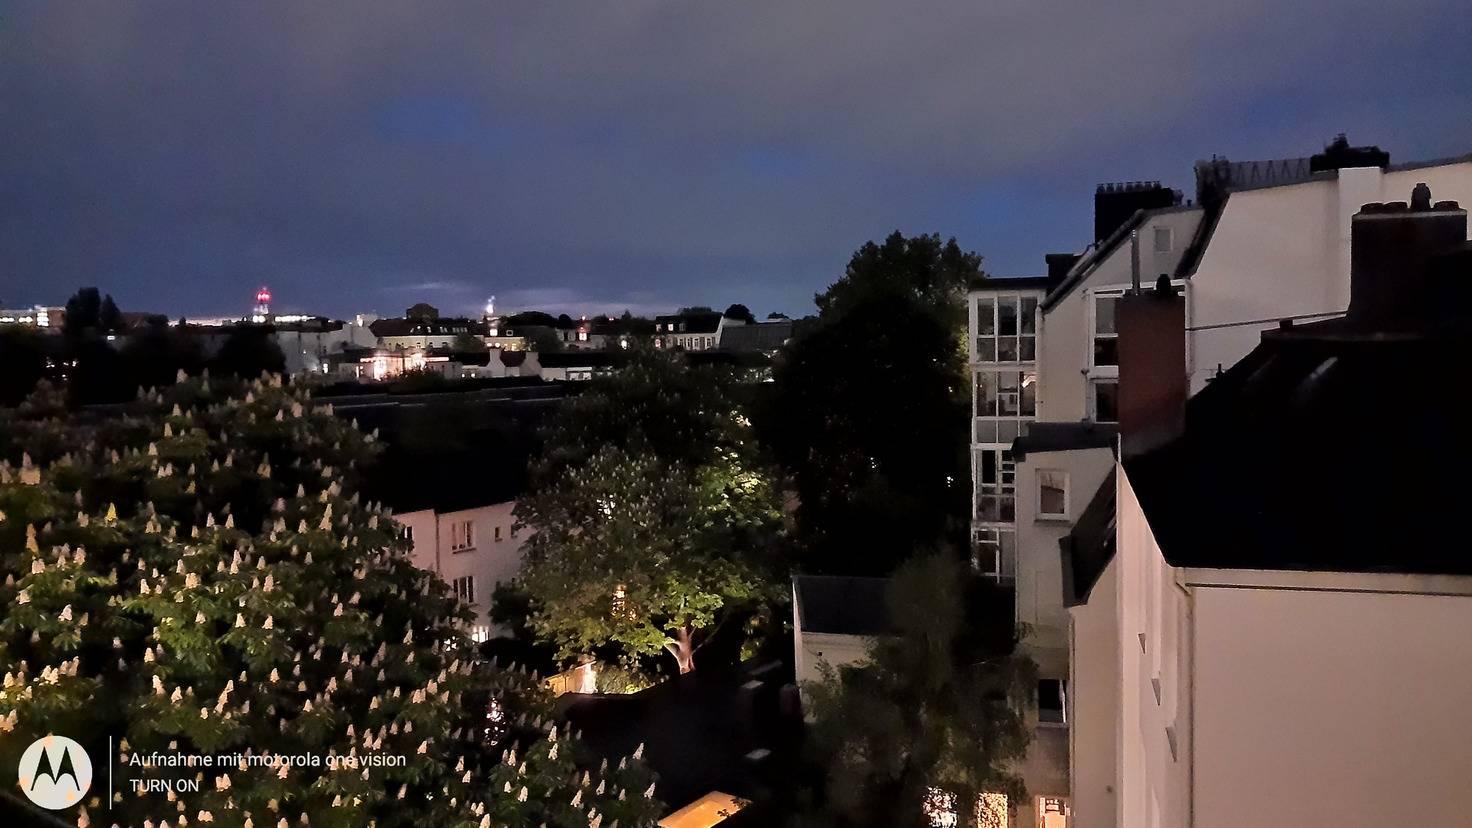 Der Nachtmodus macht die finstere Szene gut erkennbar.